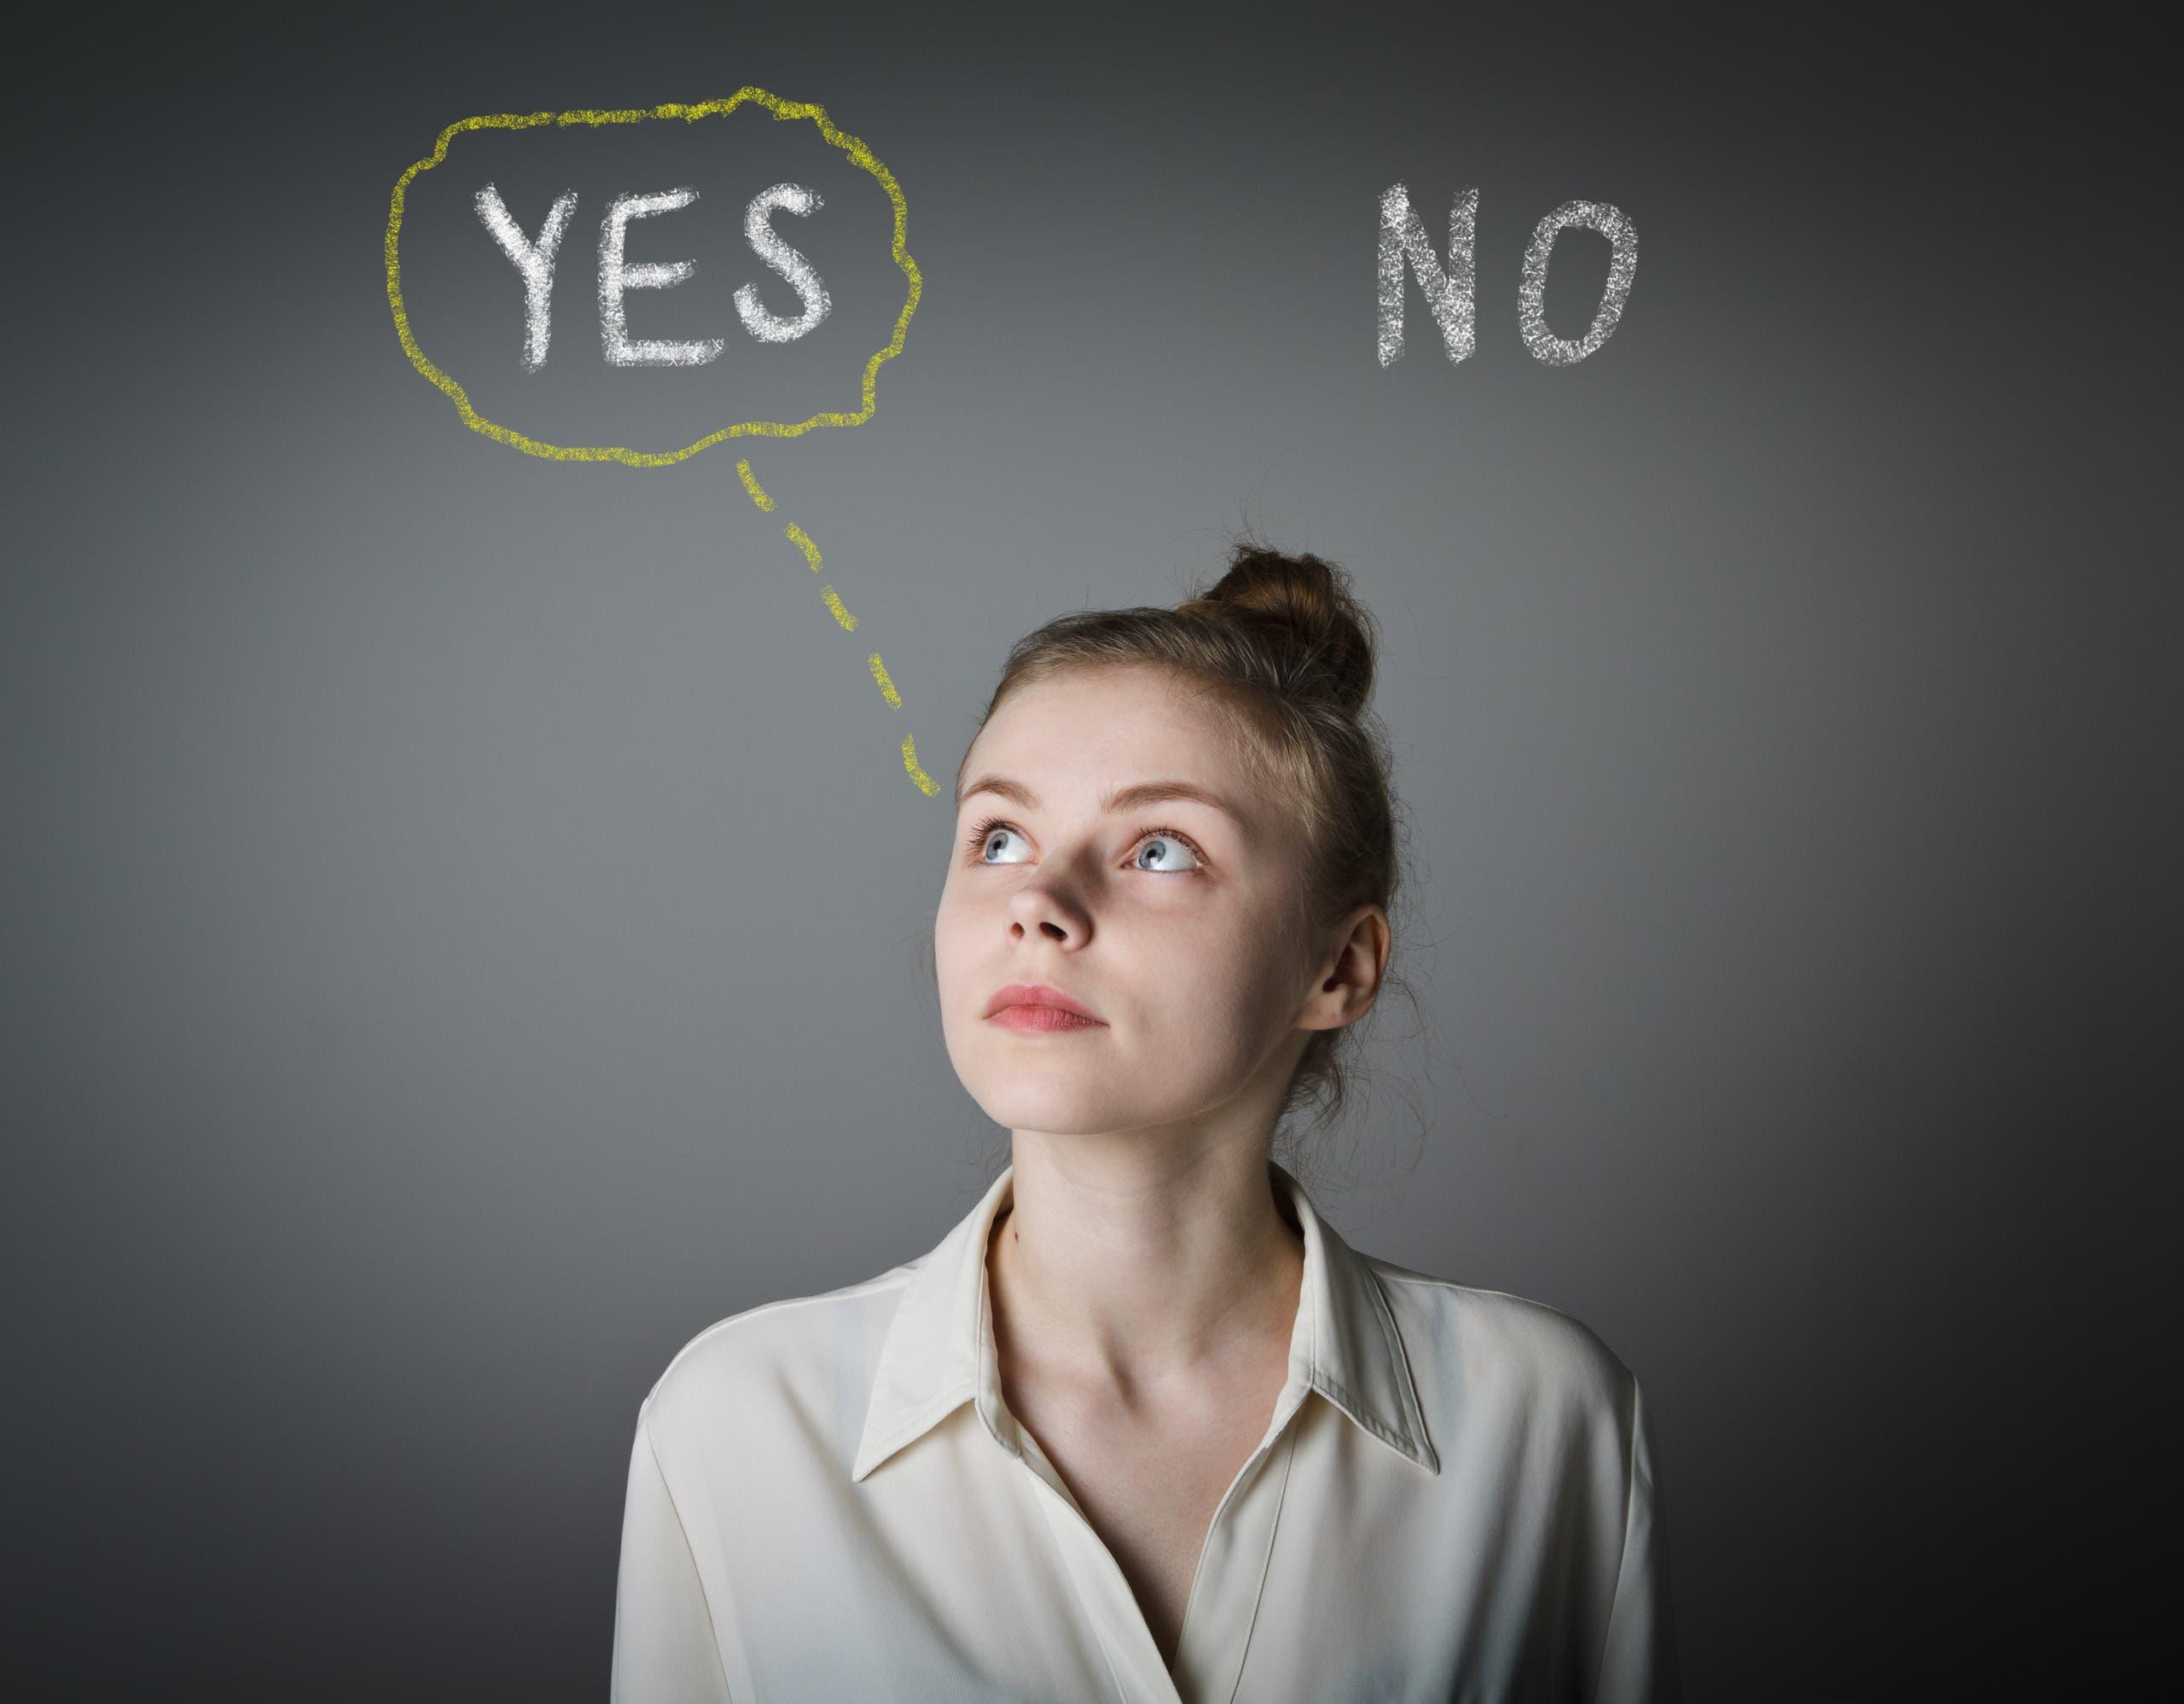 7 نصائح للتخلص من العصبية نهائيًا